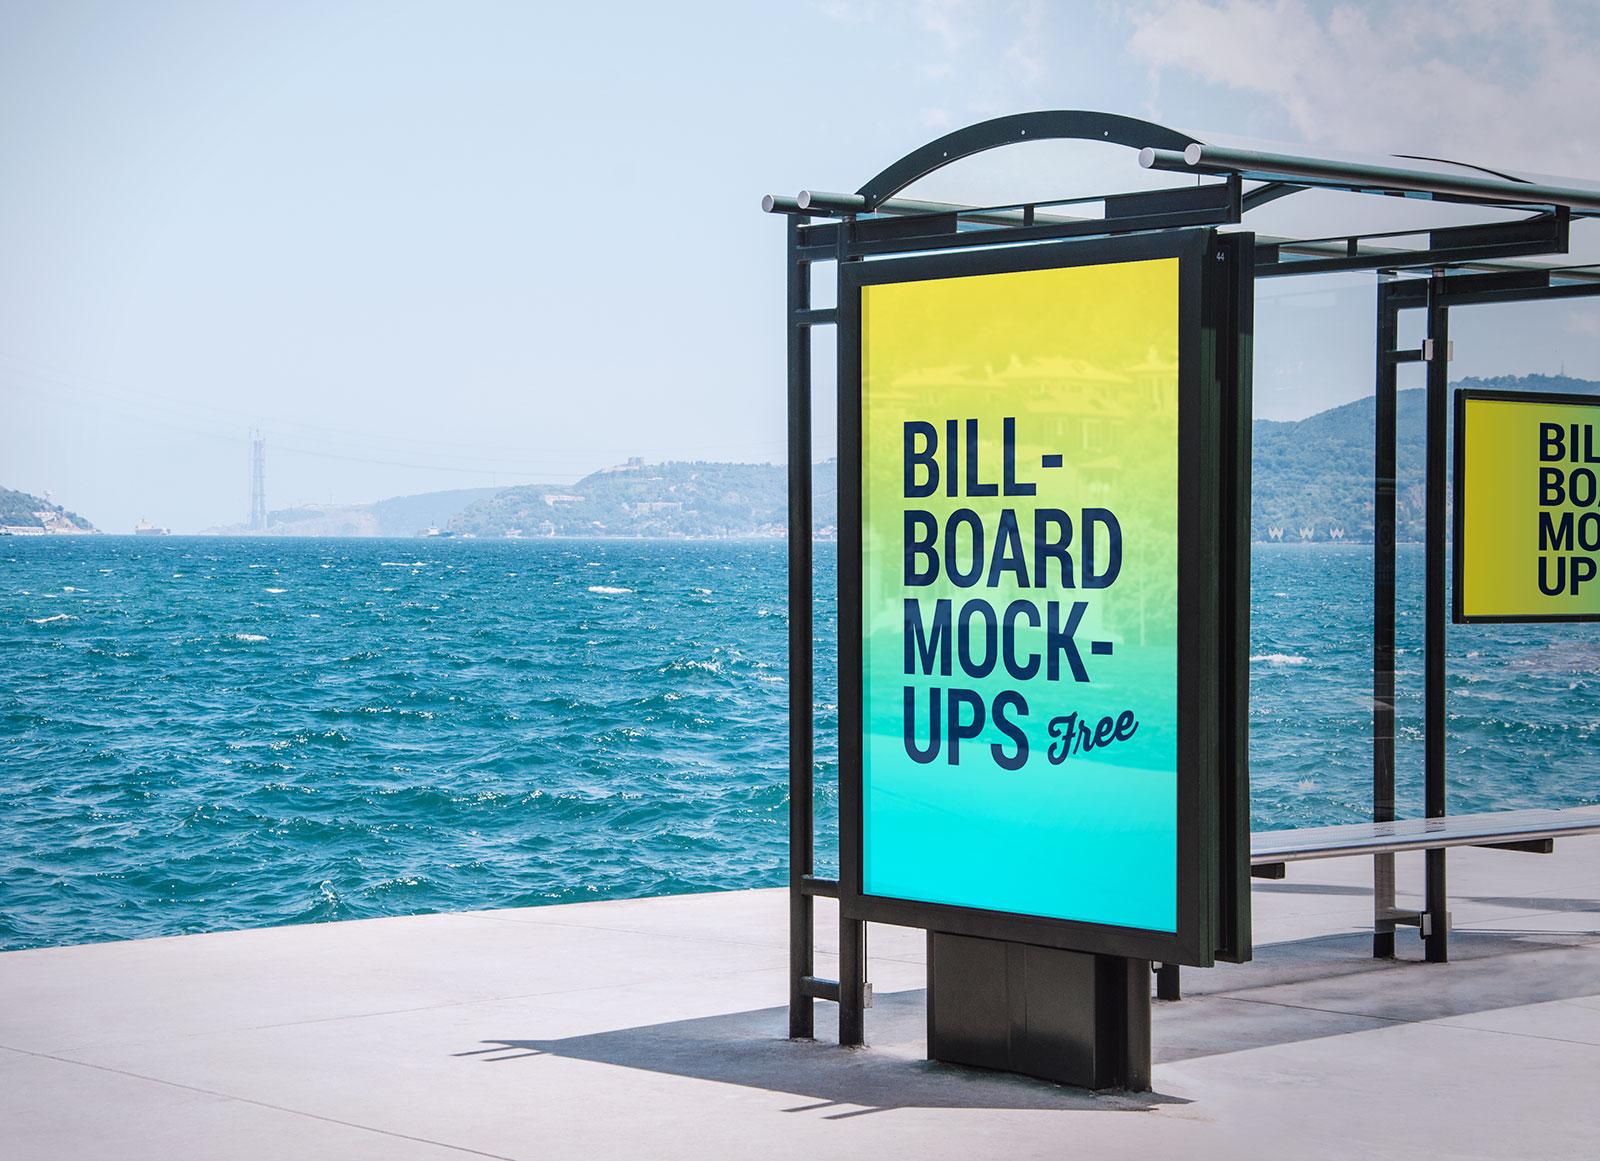 2-Free-Bus-Stop-&-Roadside-Billboard-Mockup-PSD-Files-2